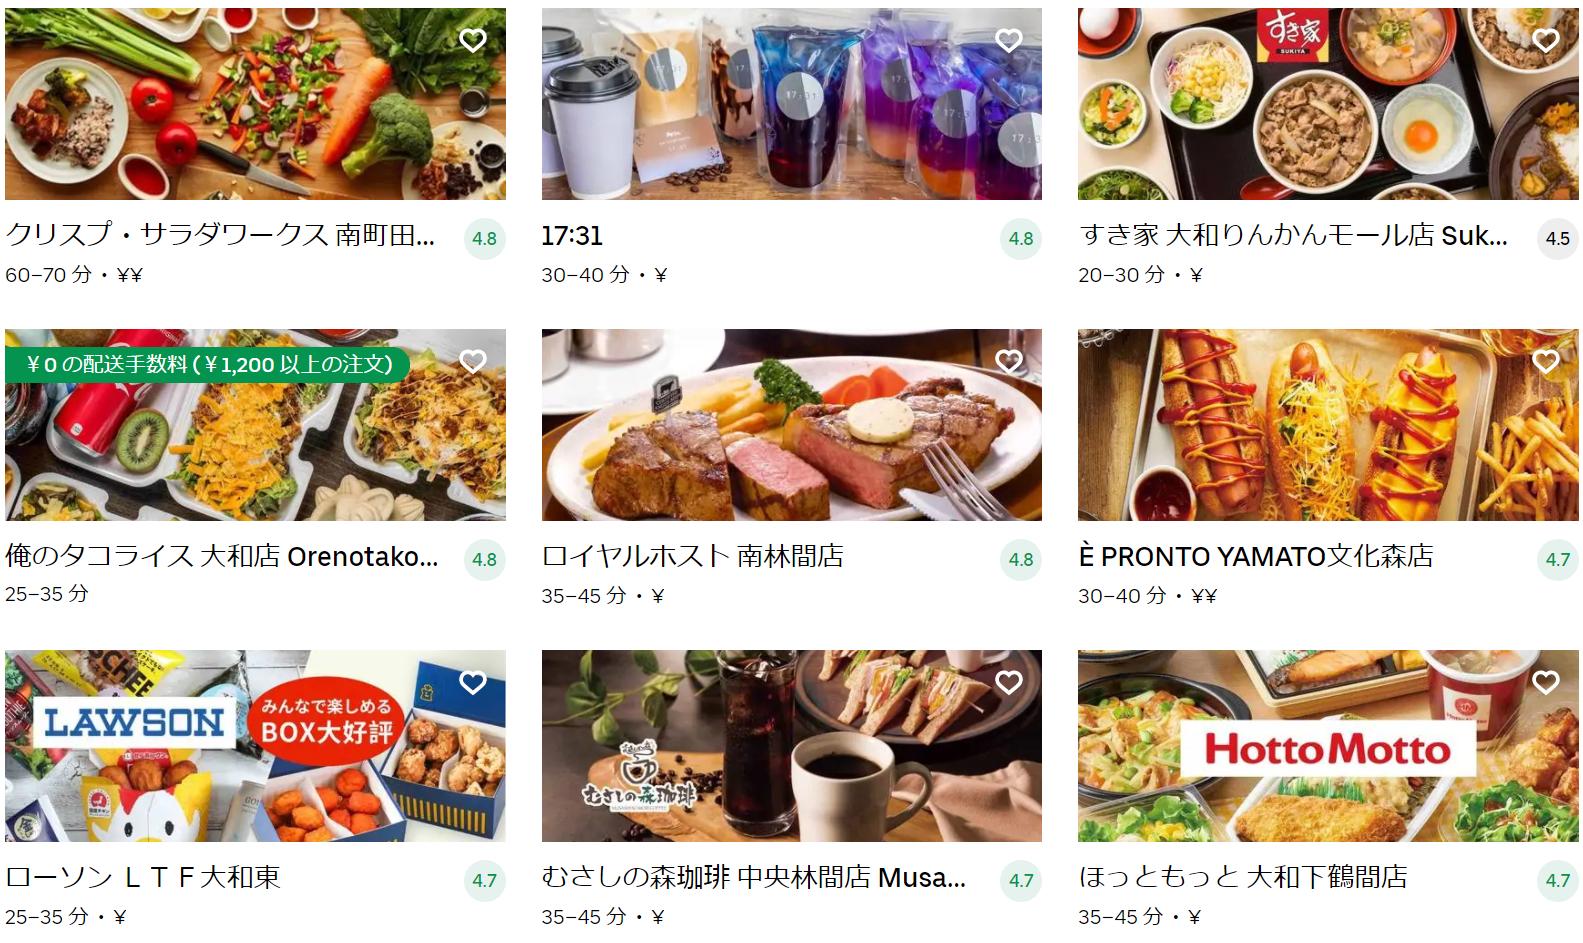 大和市エリアのおすすめUber Eats(ウーバーイーツ)メニュー